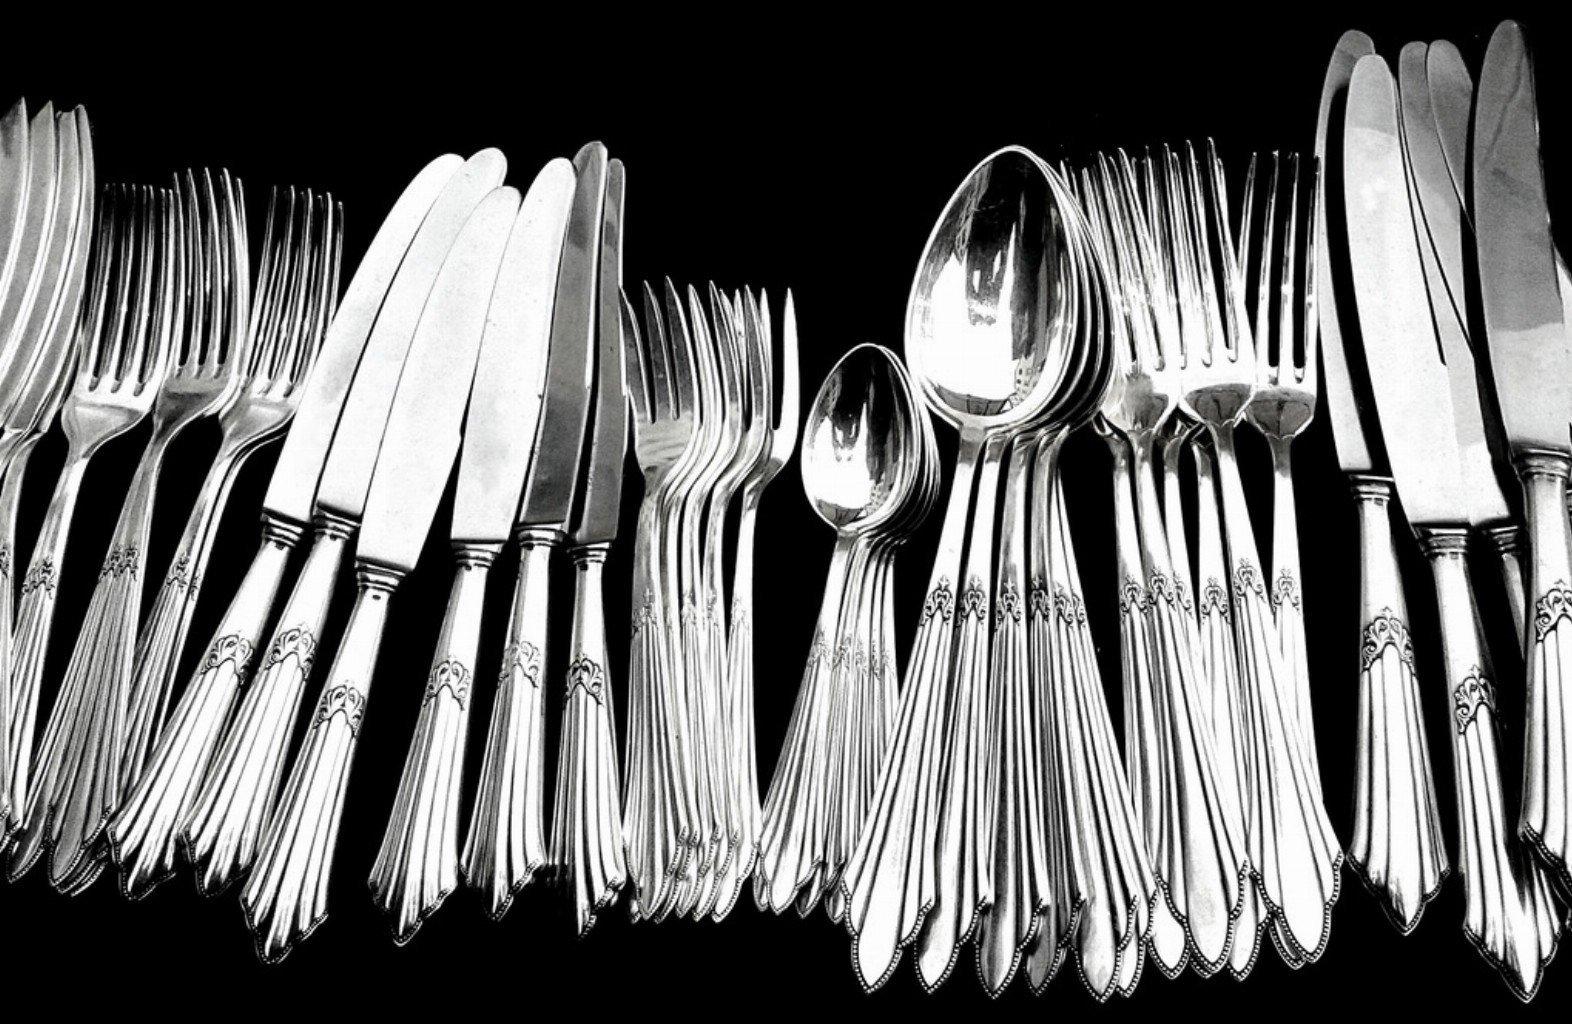 silver cutlery polishing